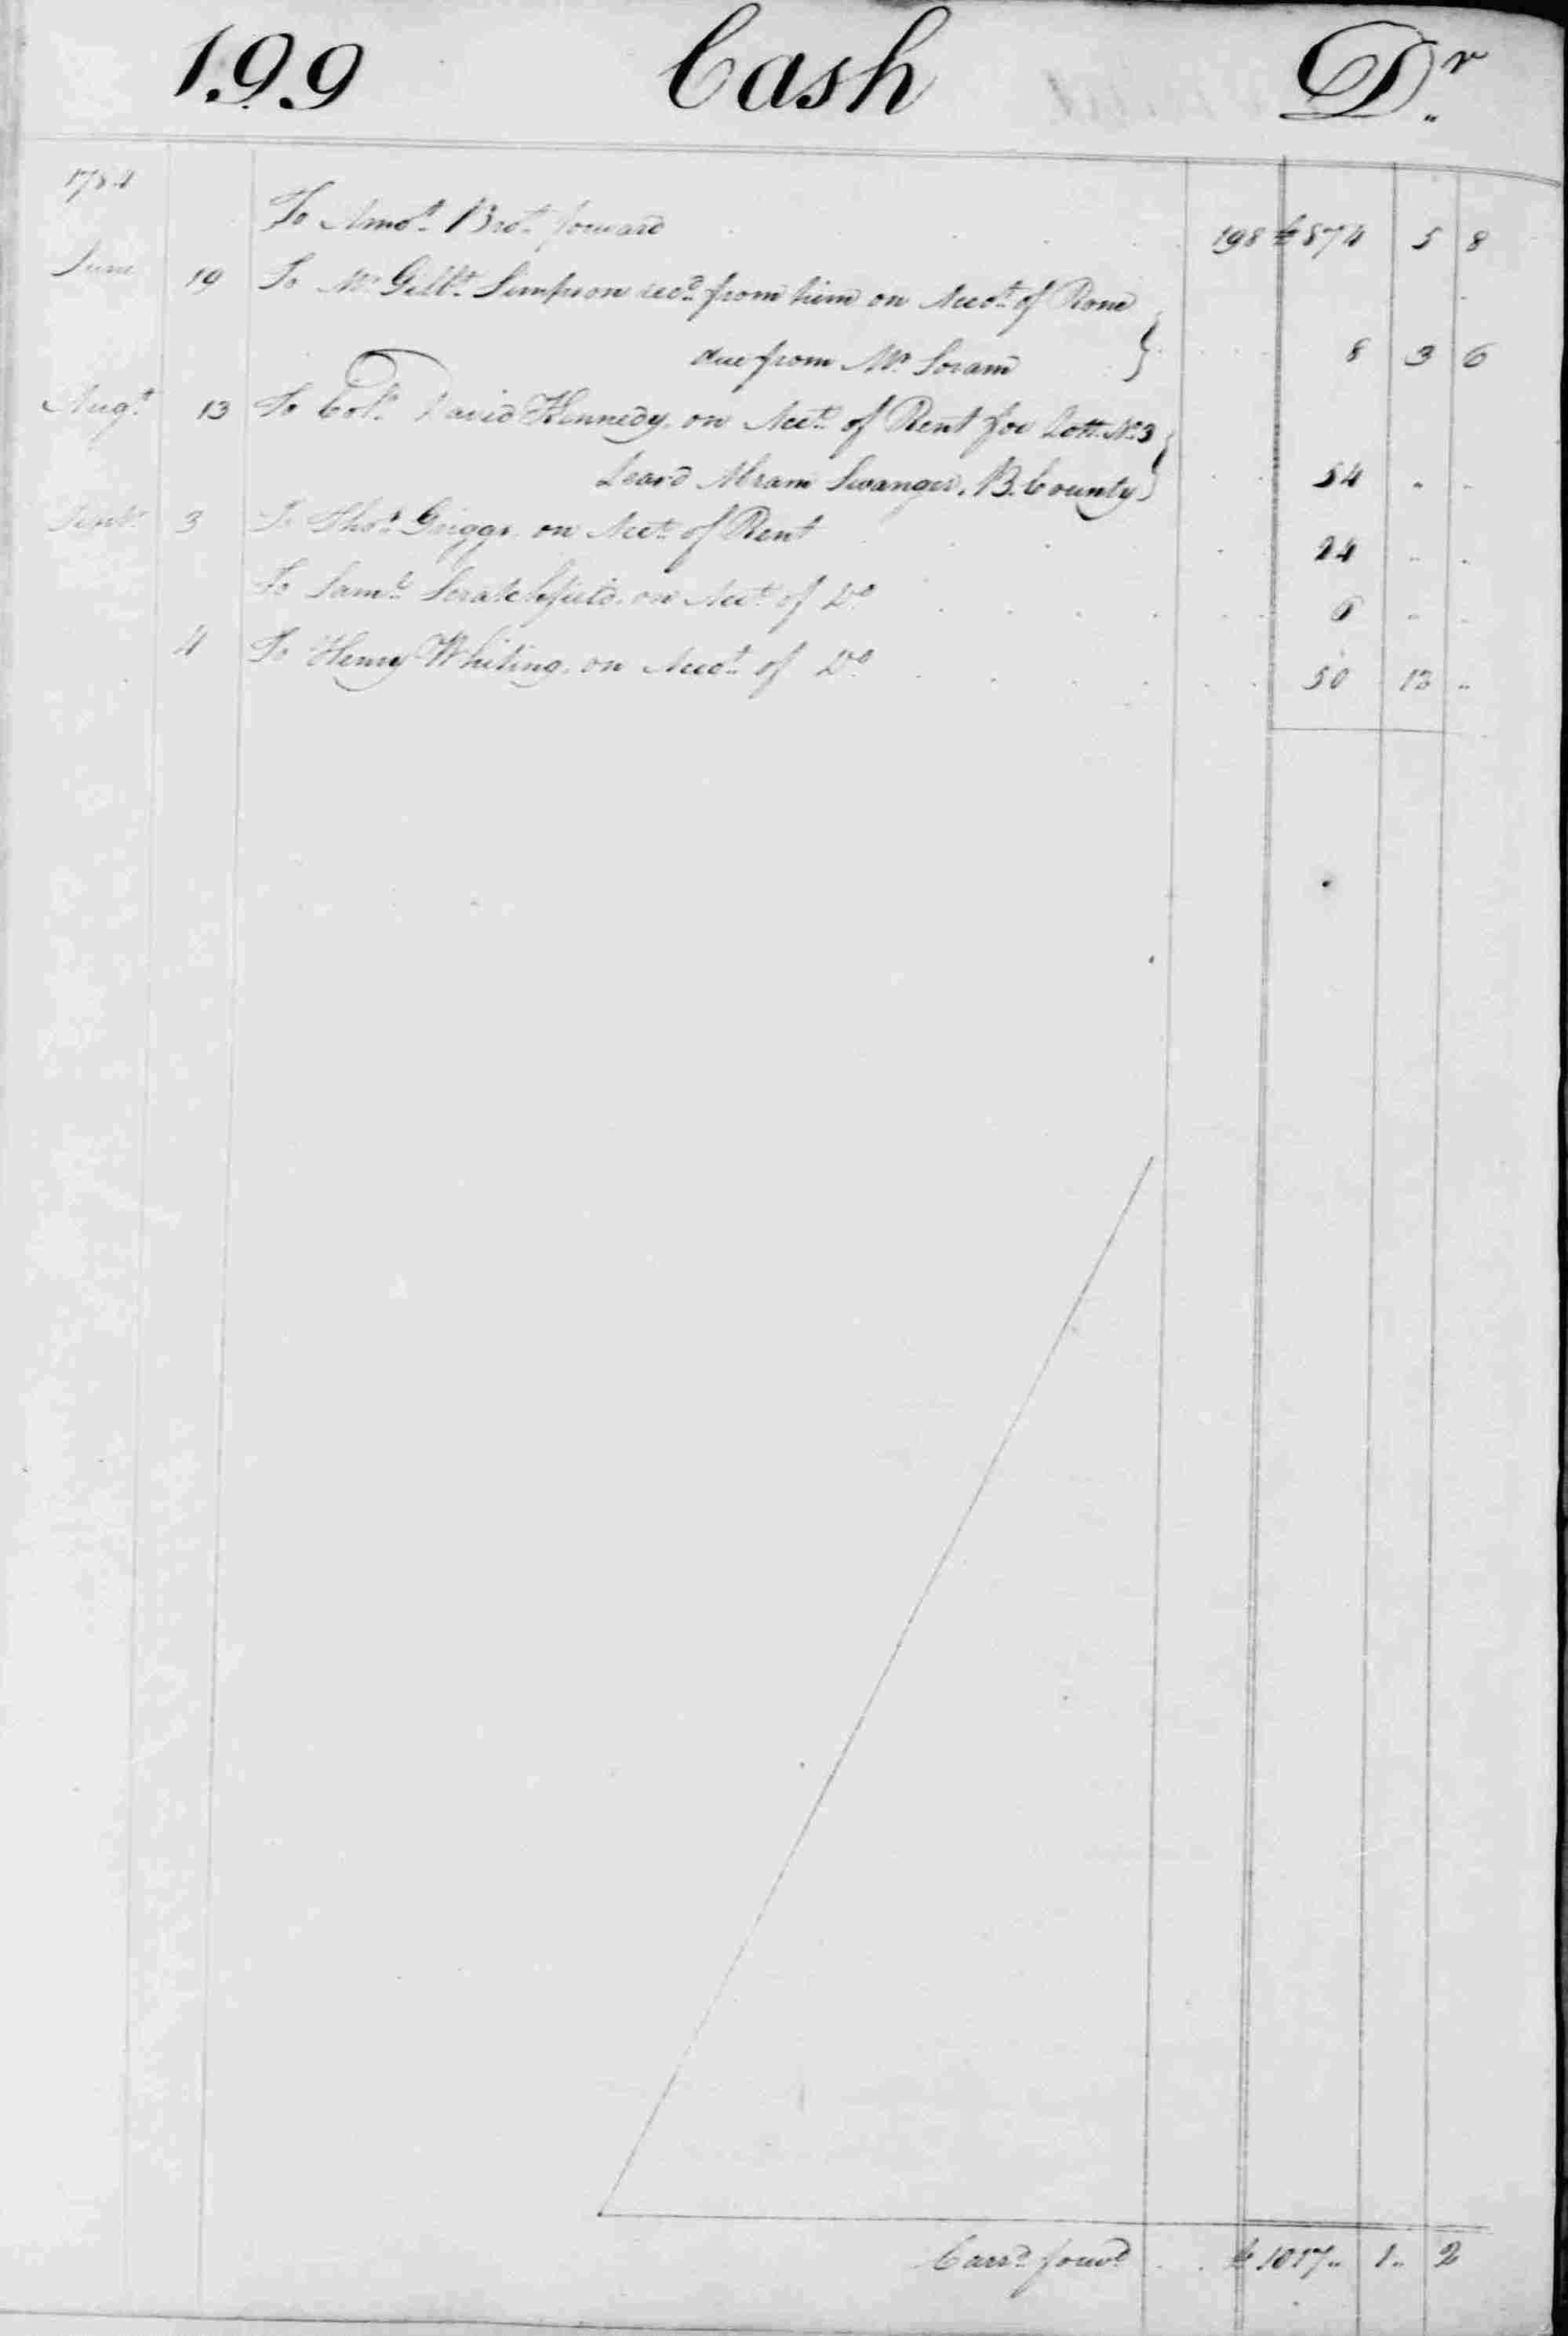 Ledger B, folio 199, left side